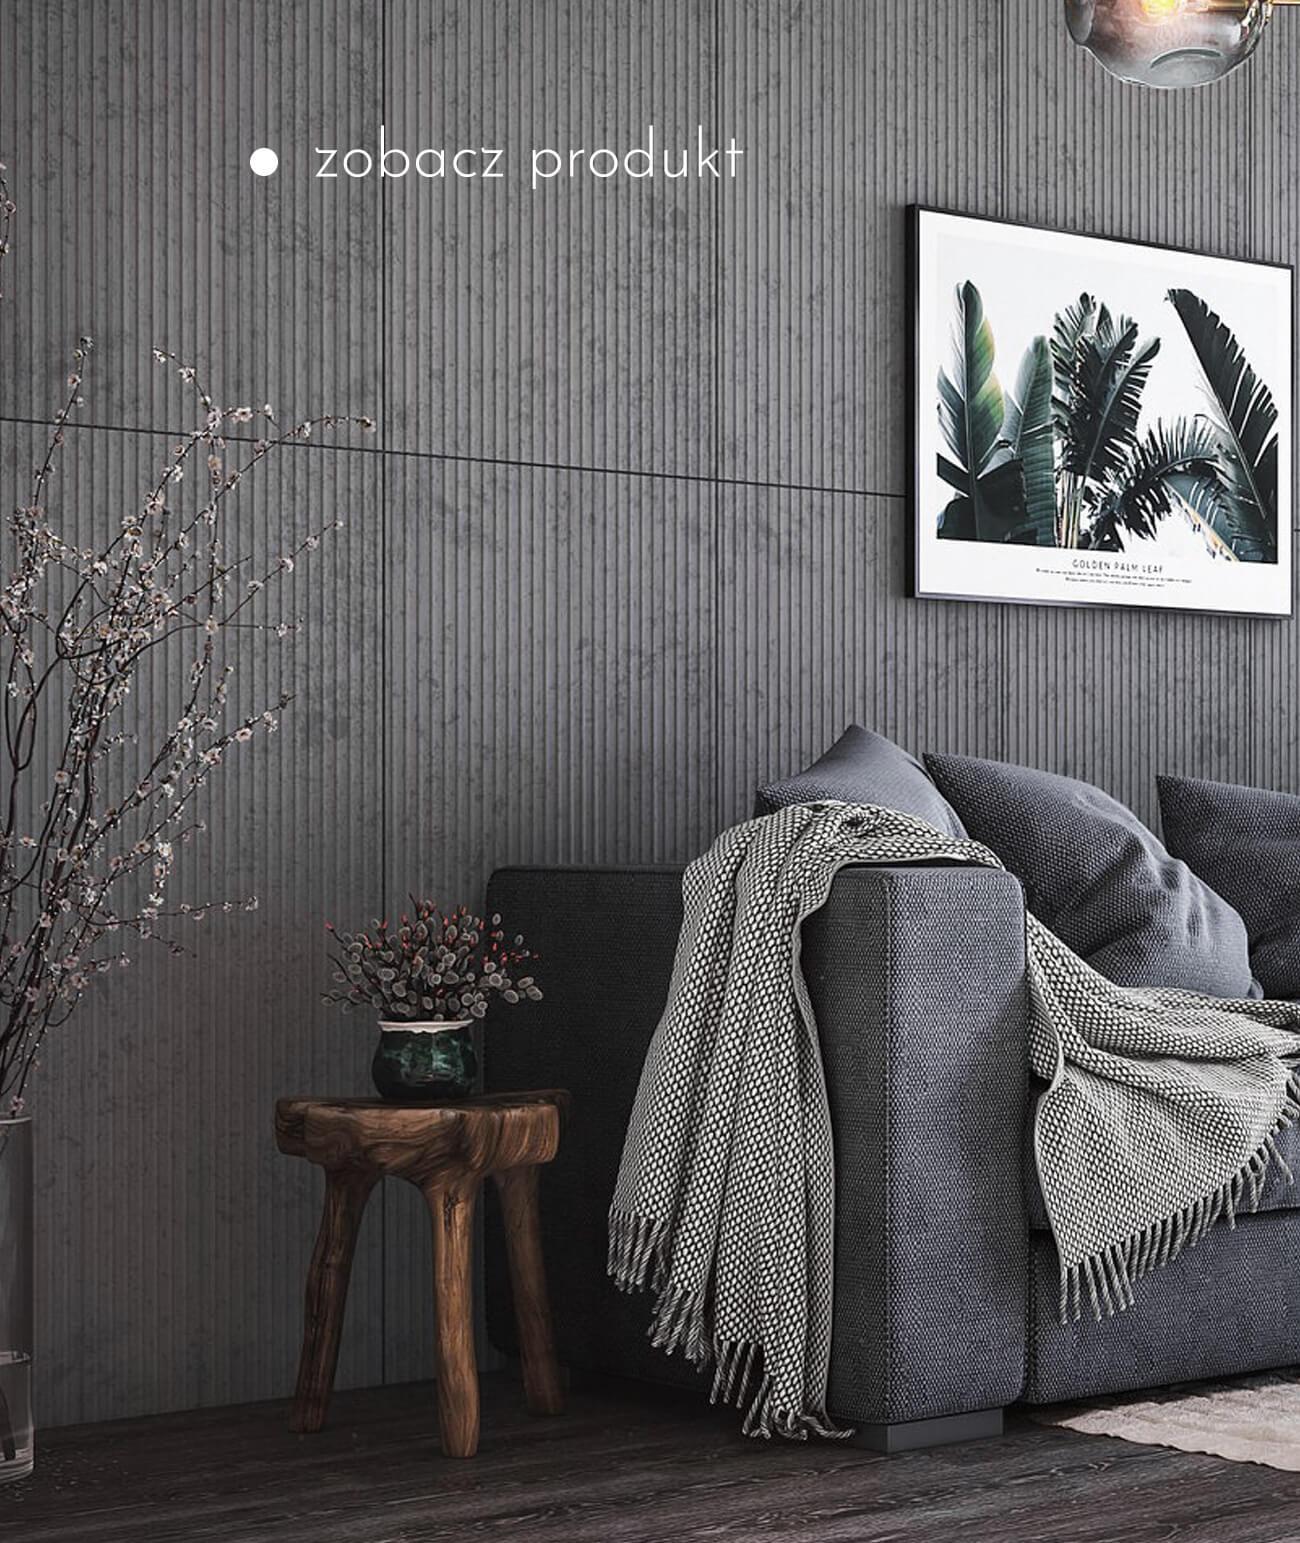 panele-betonowe-3d-scienne-i-elewacyjne-beton-architektoniczny_417-2273-pb37-s96-ciemny-szary-ryfel---panel-dekor-3d-beton-architektoniczny-panel-scienny